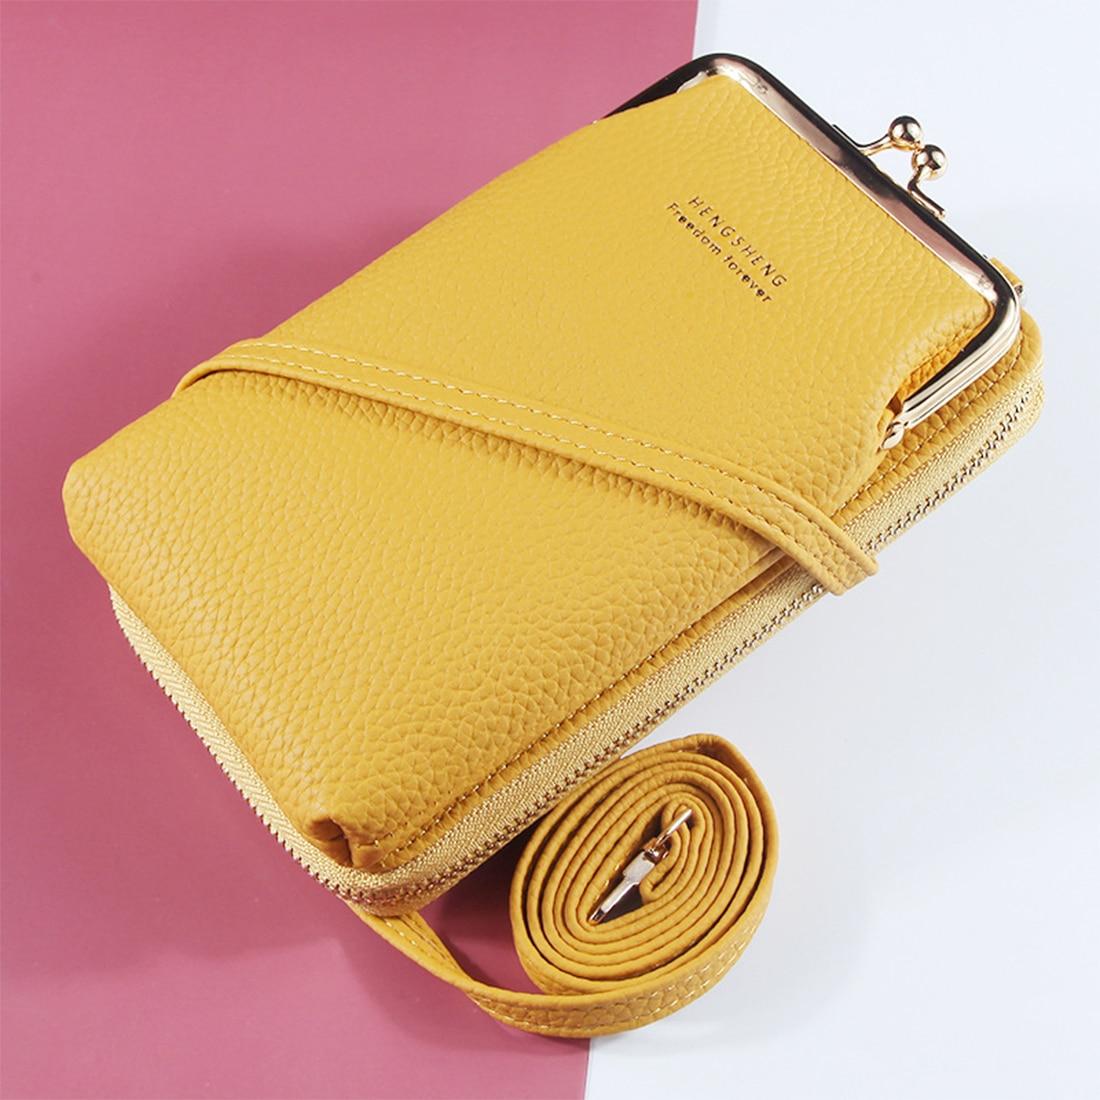 Модные маленькие сумки через плечо из искусственной кожи для женщин, миниатюрная кожаная сумка-мессенджер на ремне для девушек, милый бумаж...